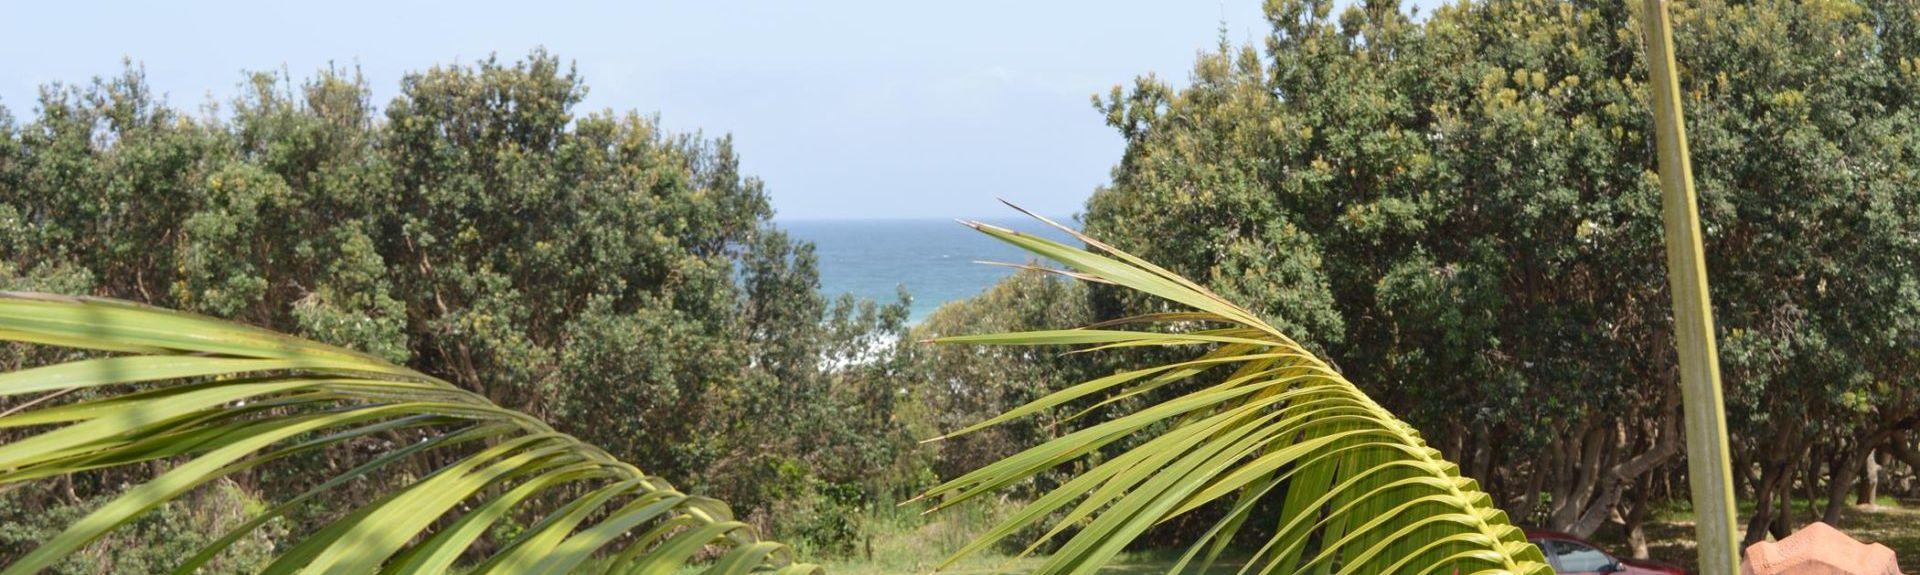 Angourie Blue Pool, Angourie, New South Wales, AU